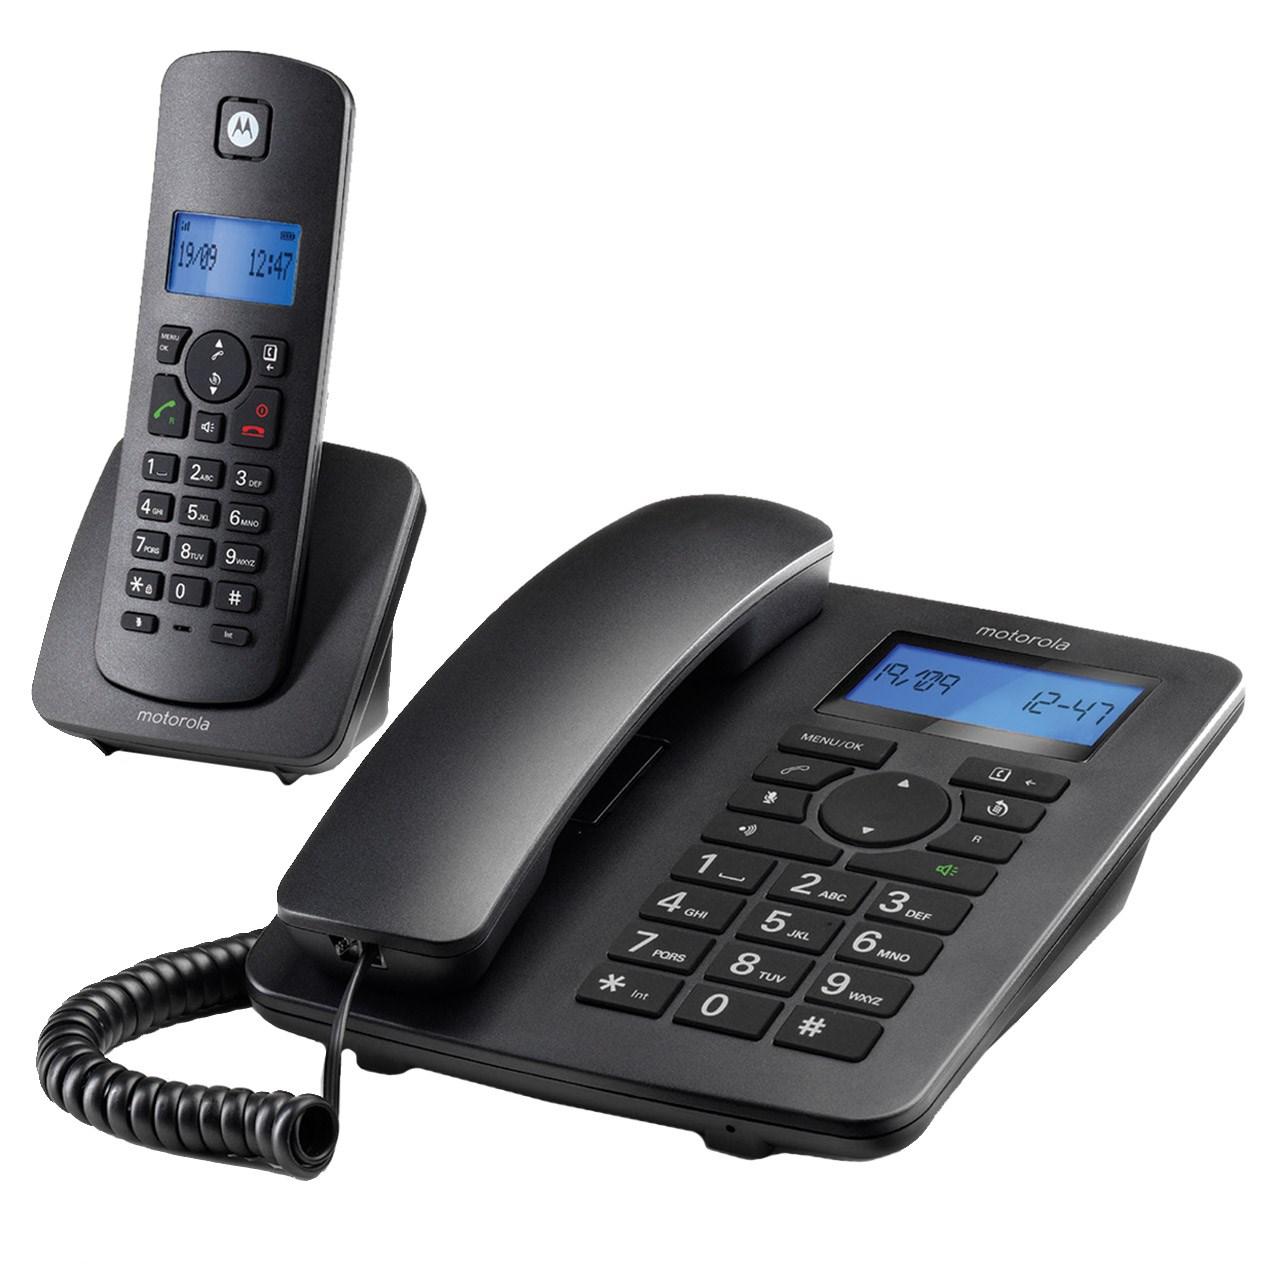 خرید                     تلفن بی سیم موتورولا مدل C4201 Combo